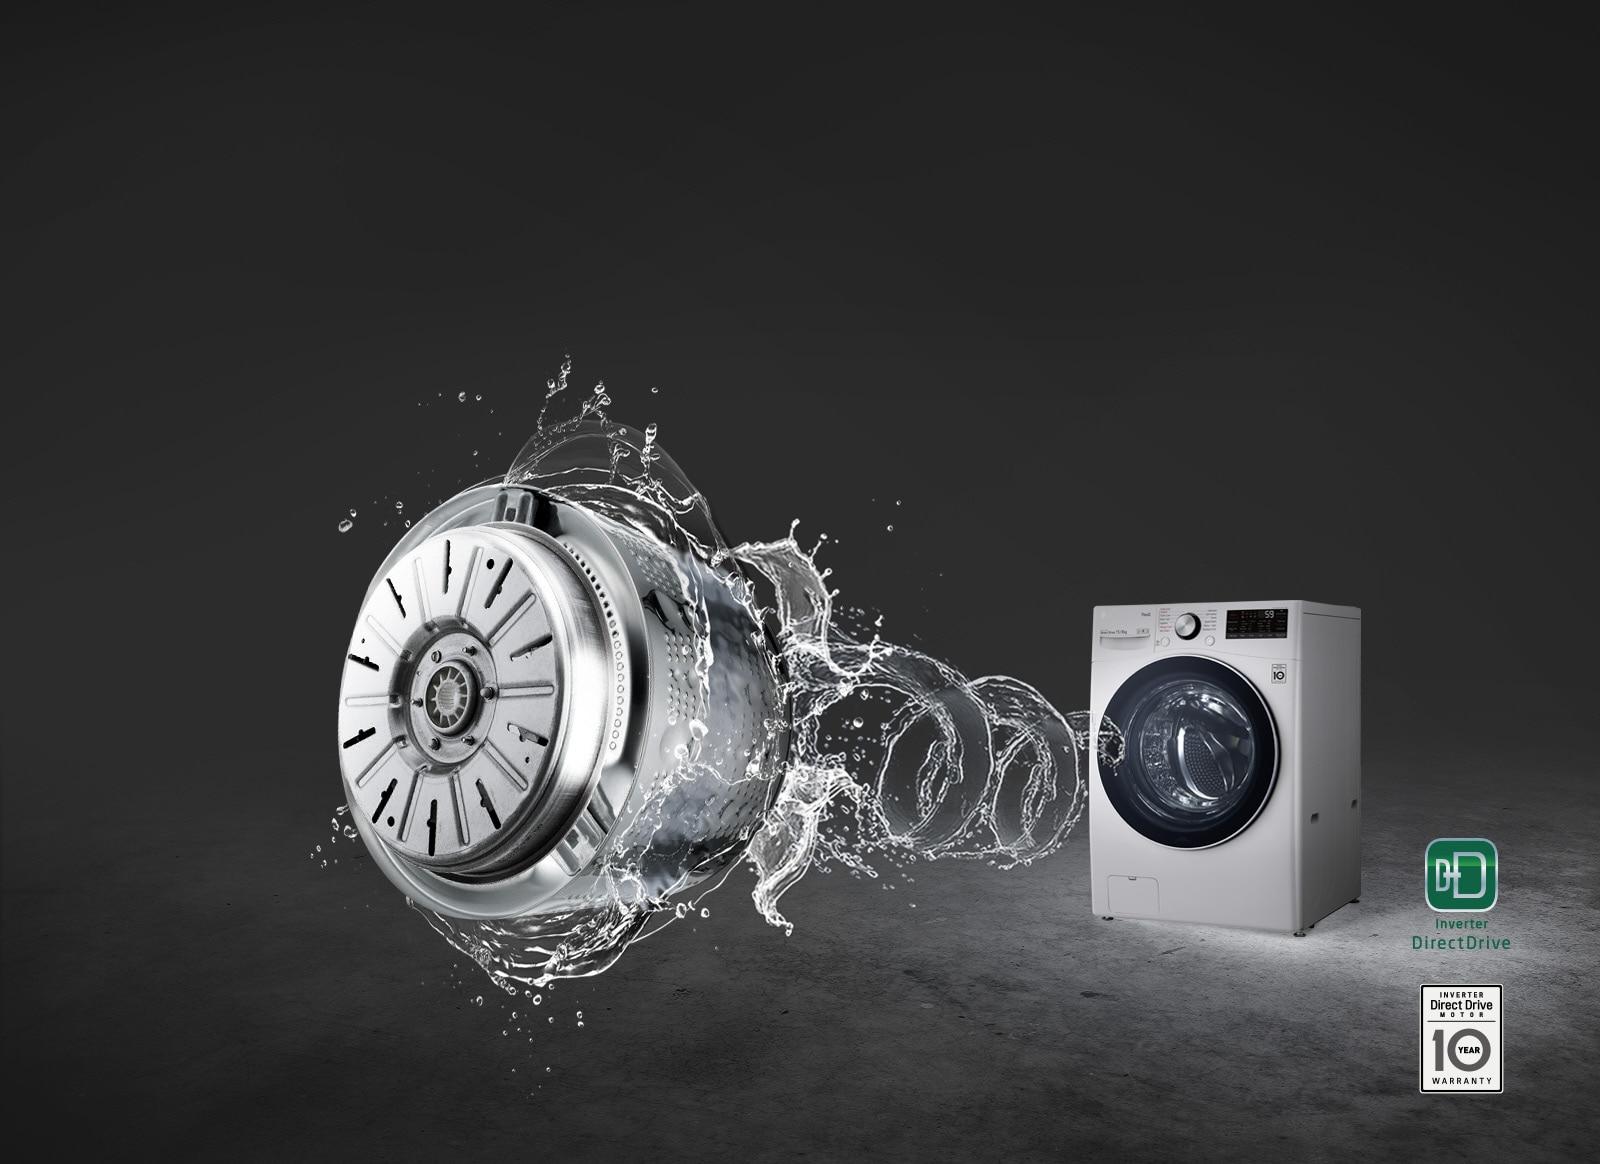 Nền màu xám với một máy giặt cửa trước được chiếu sáng và một dòng nước xoáy ở phía trước dẫn đến hình ảnh Động cơ Truyền động Trực tiếp.